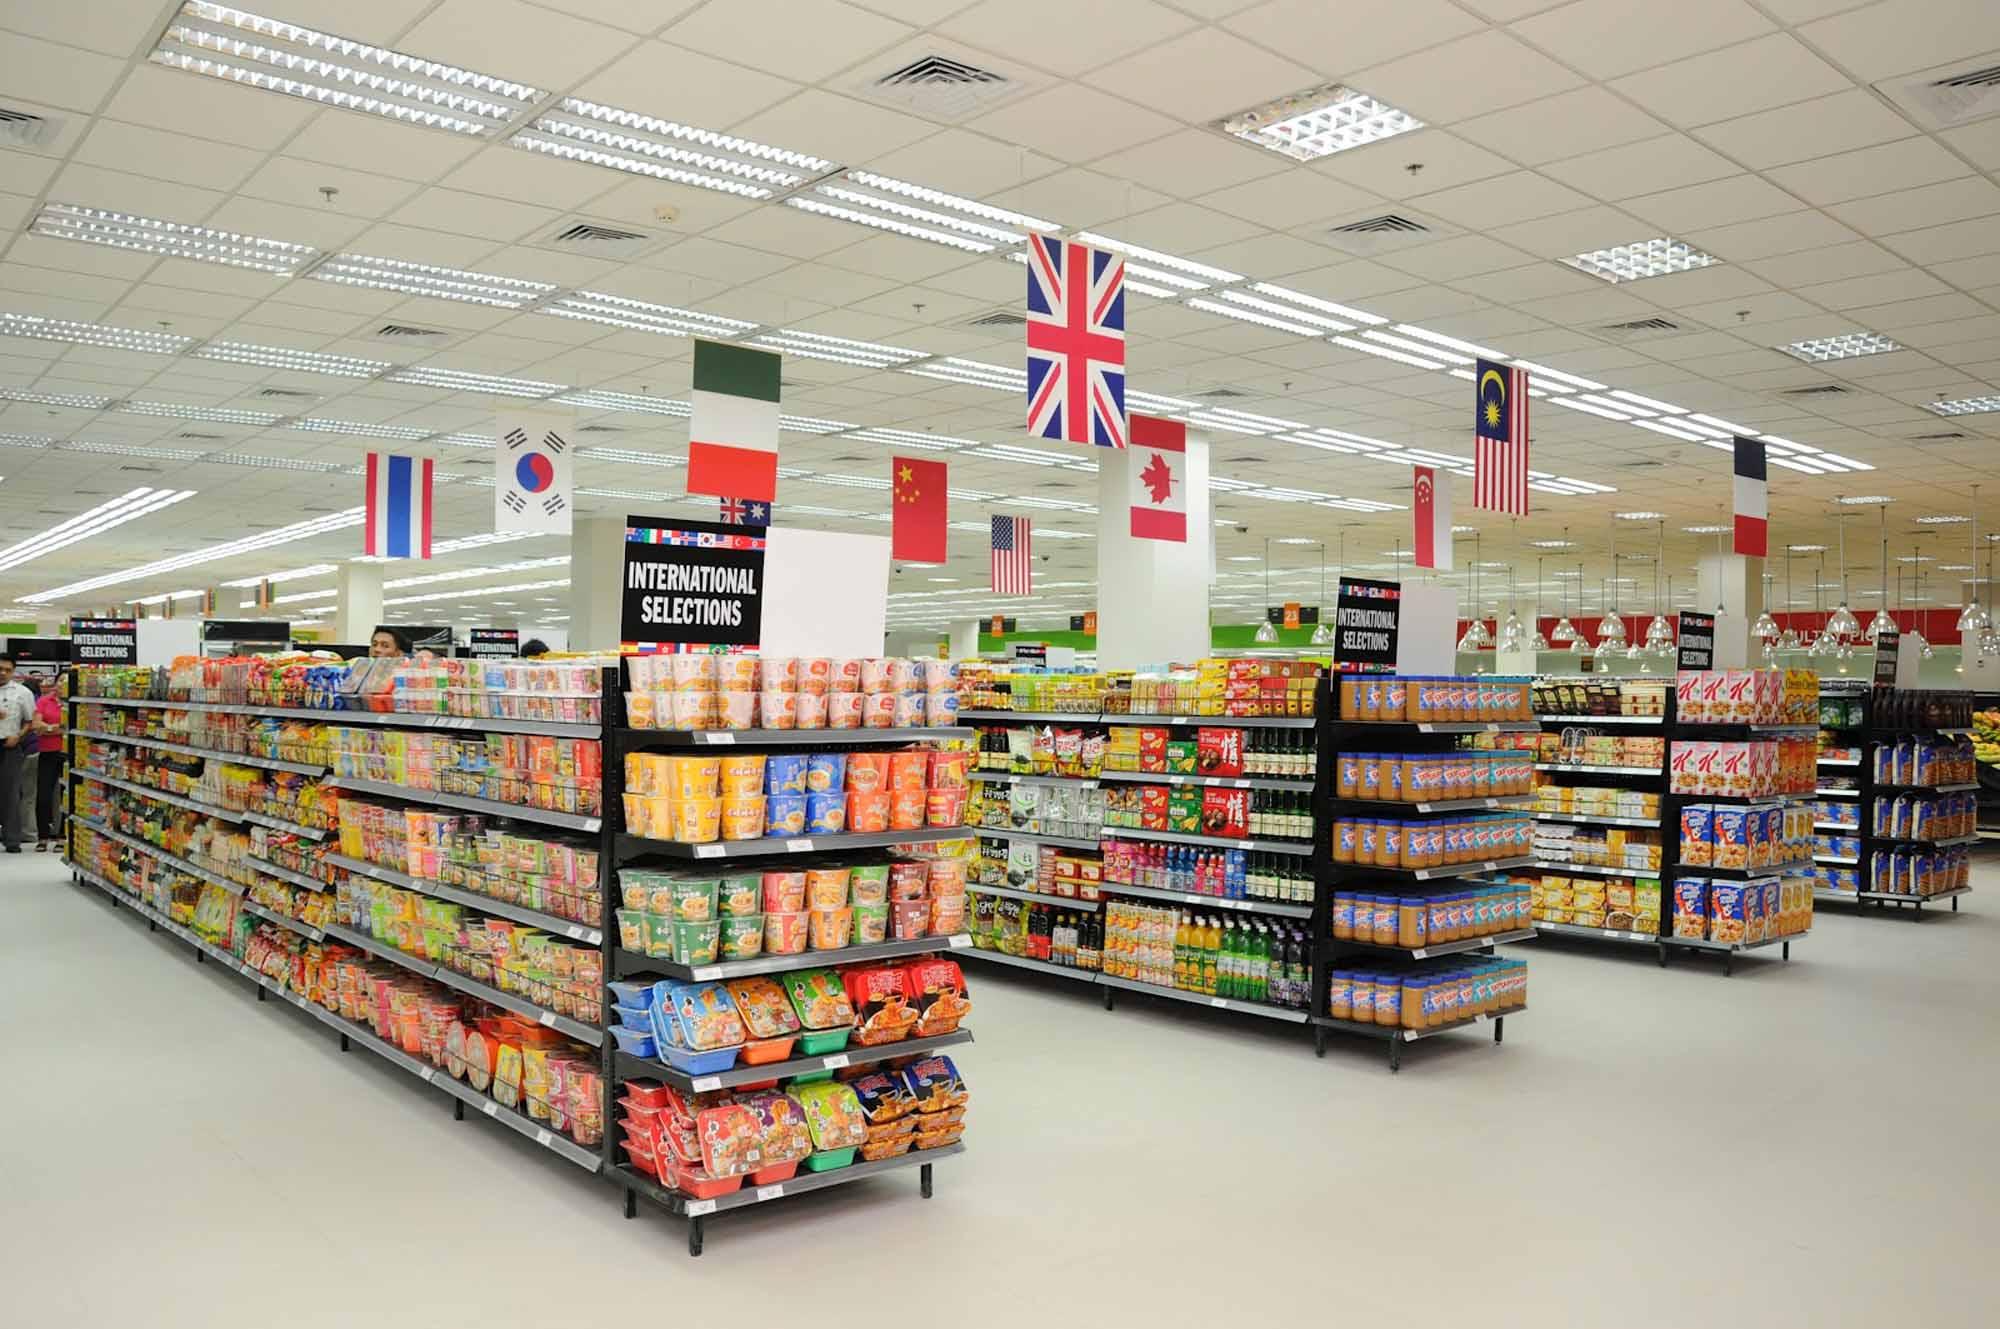 Fare la spesa al supermercato per risparmiare